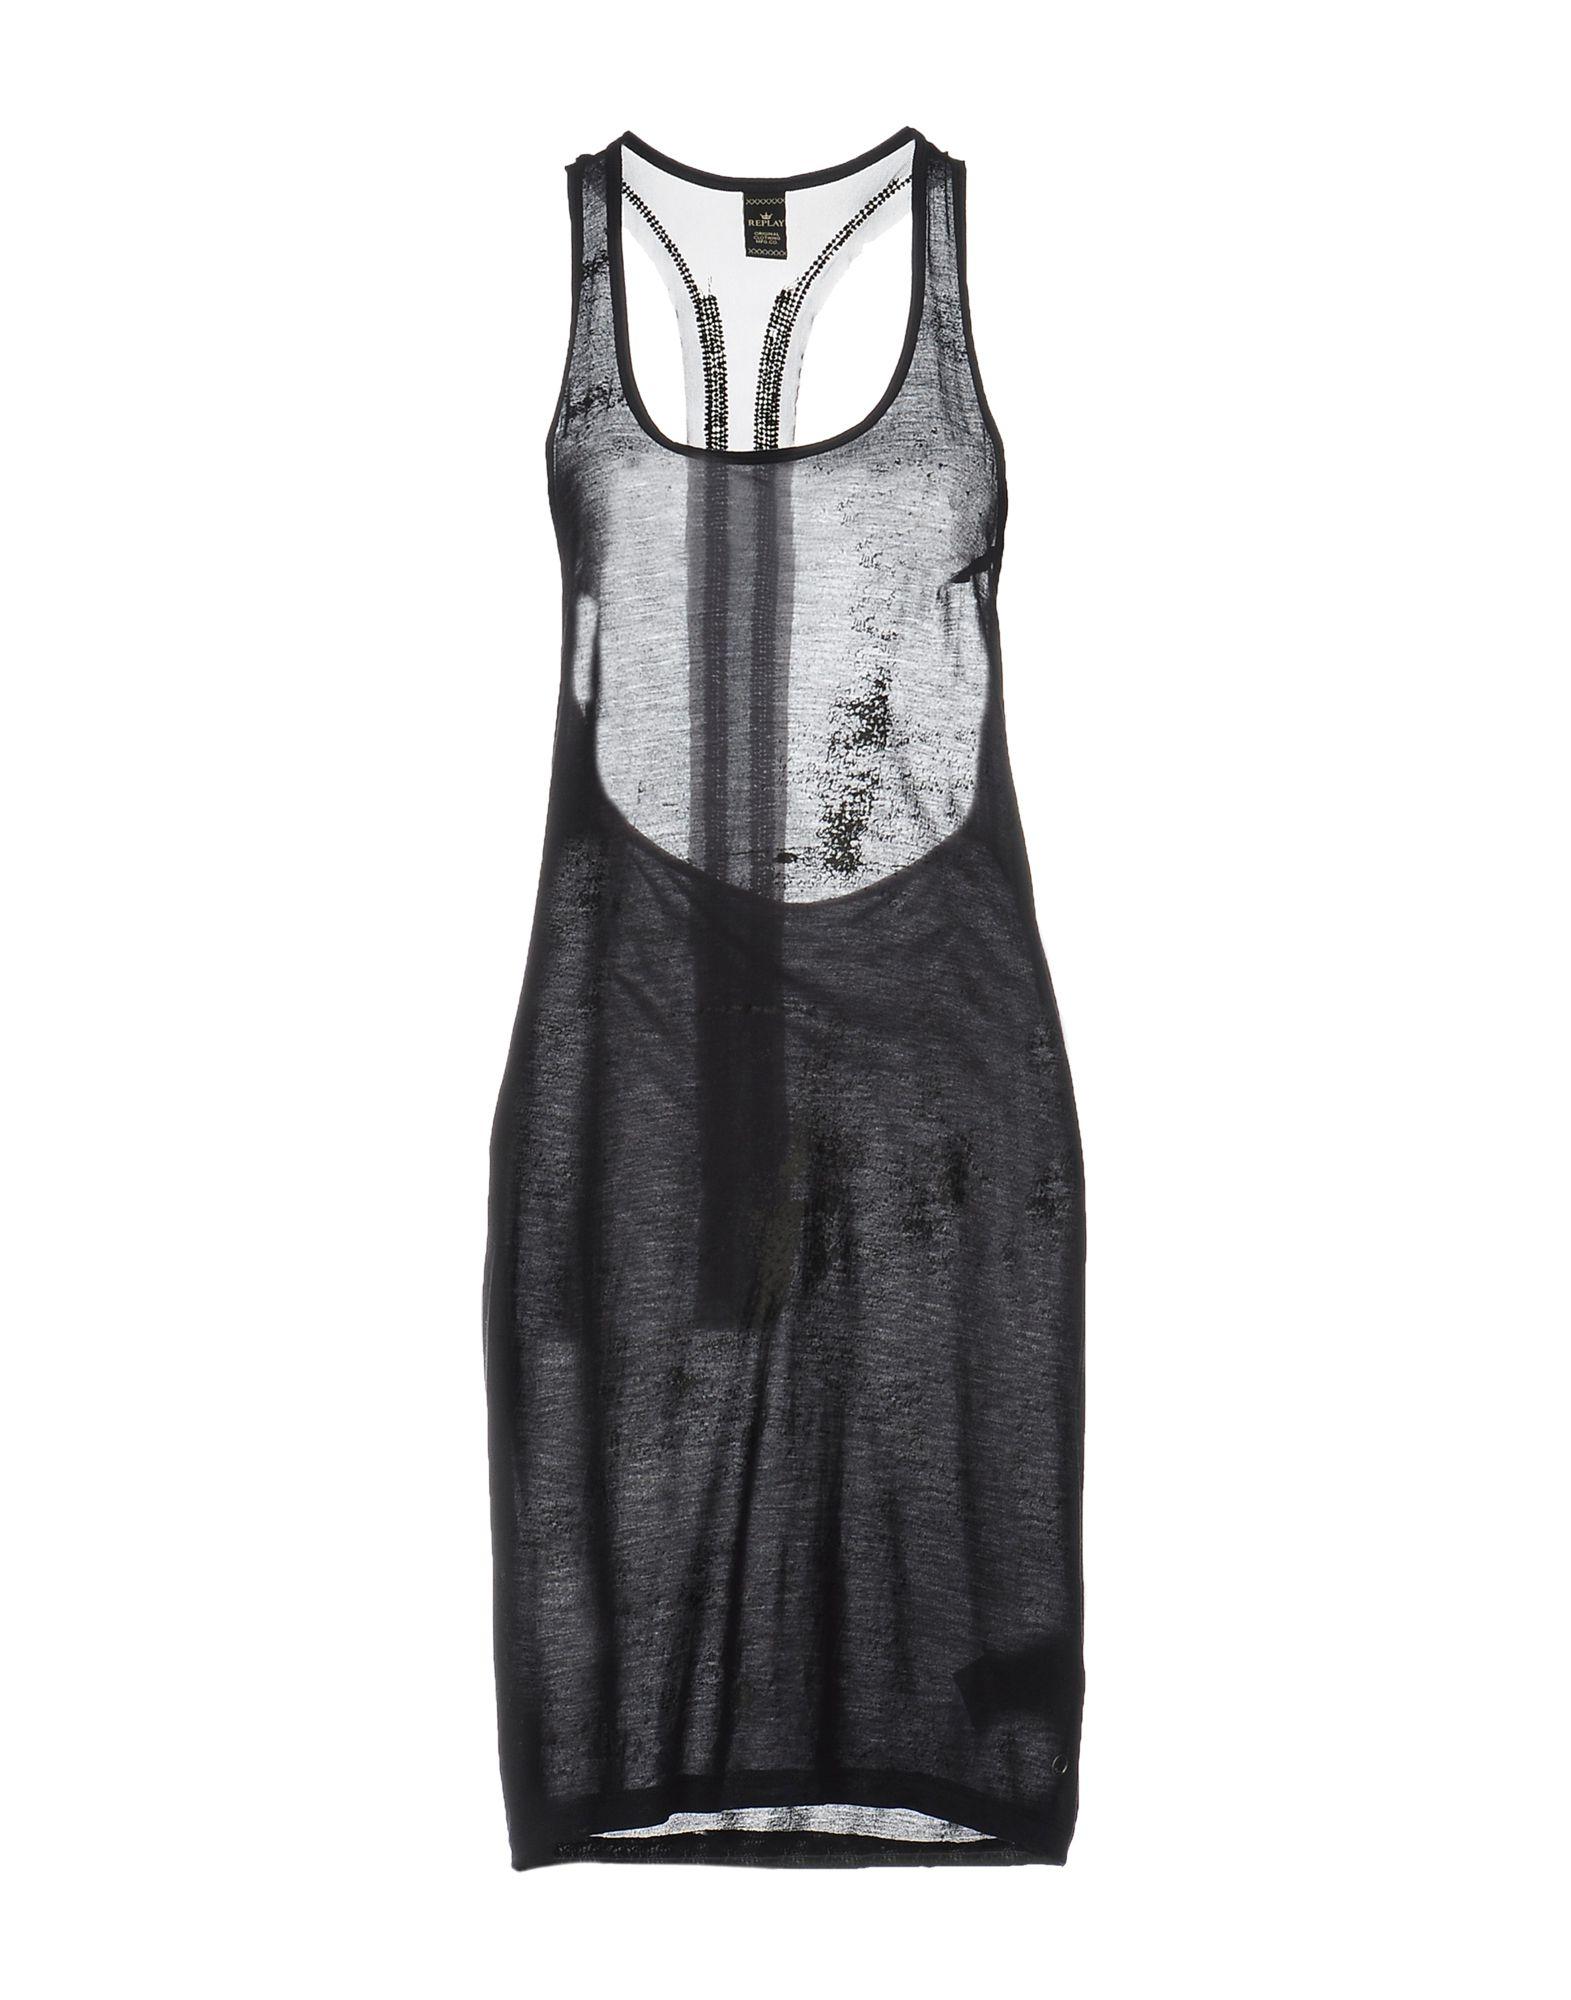 цены на REPLAY Платье до колена в интернет-магазинах